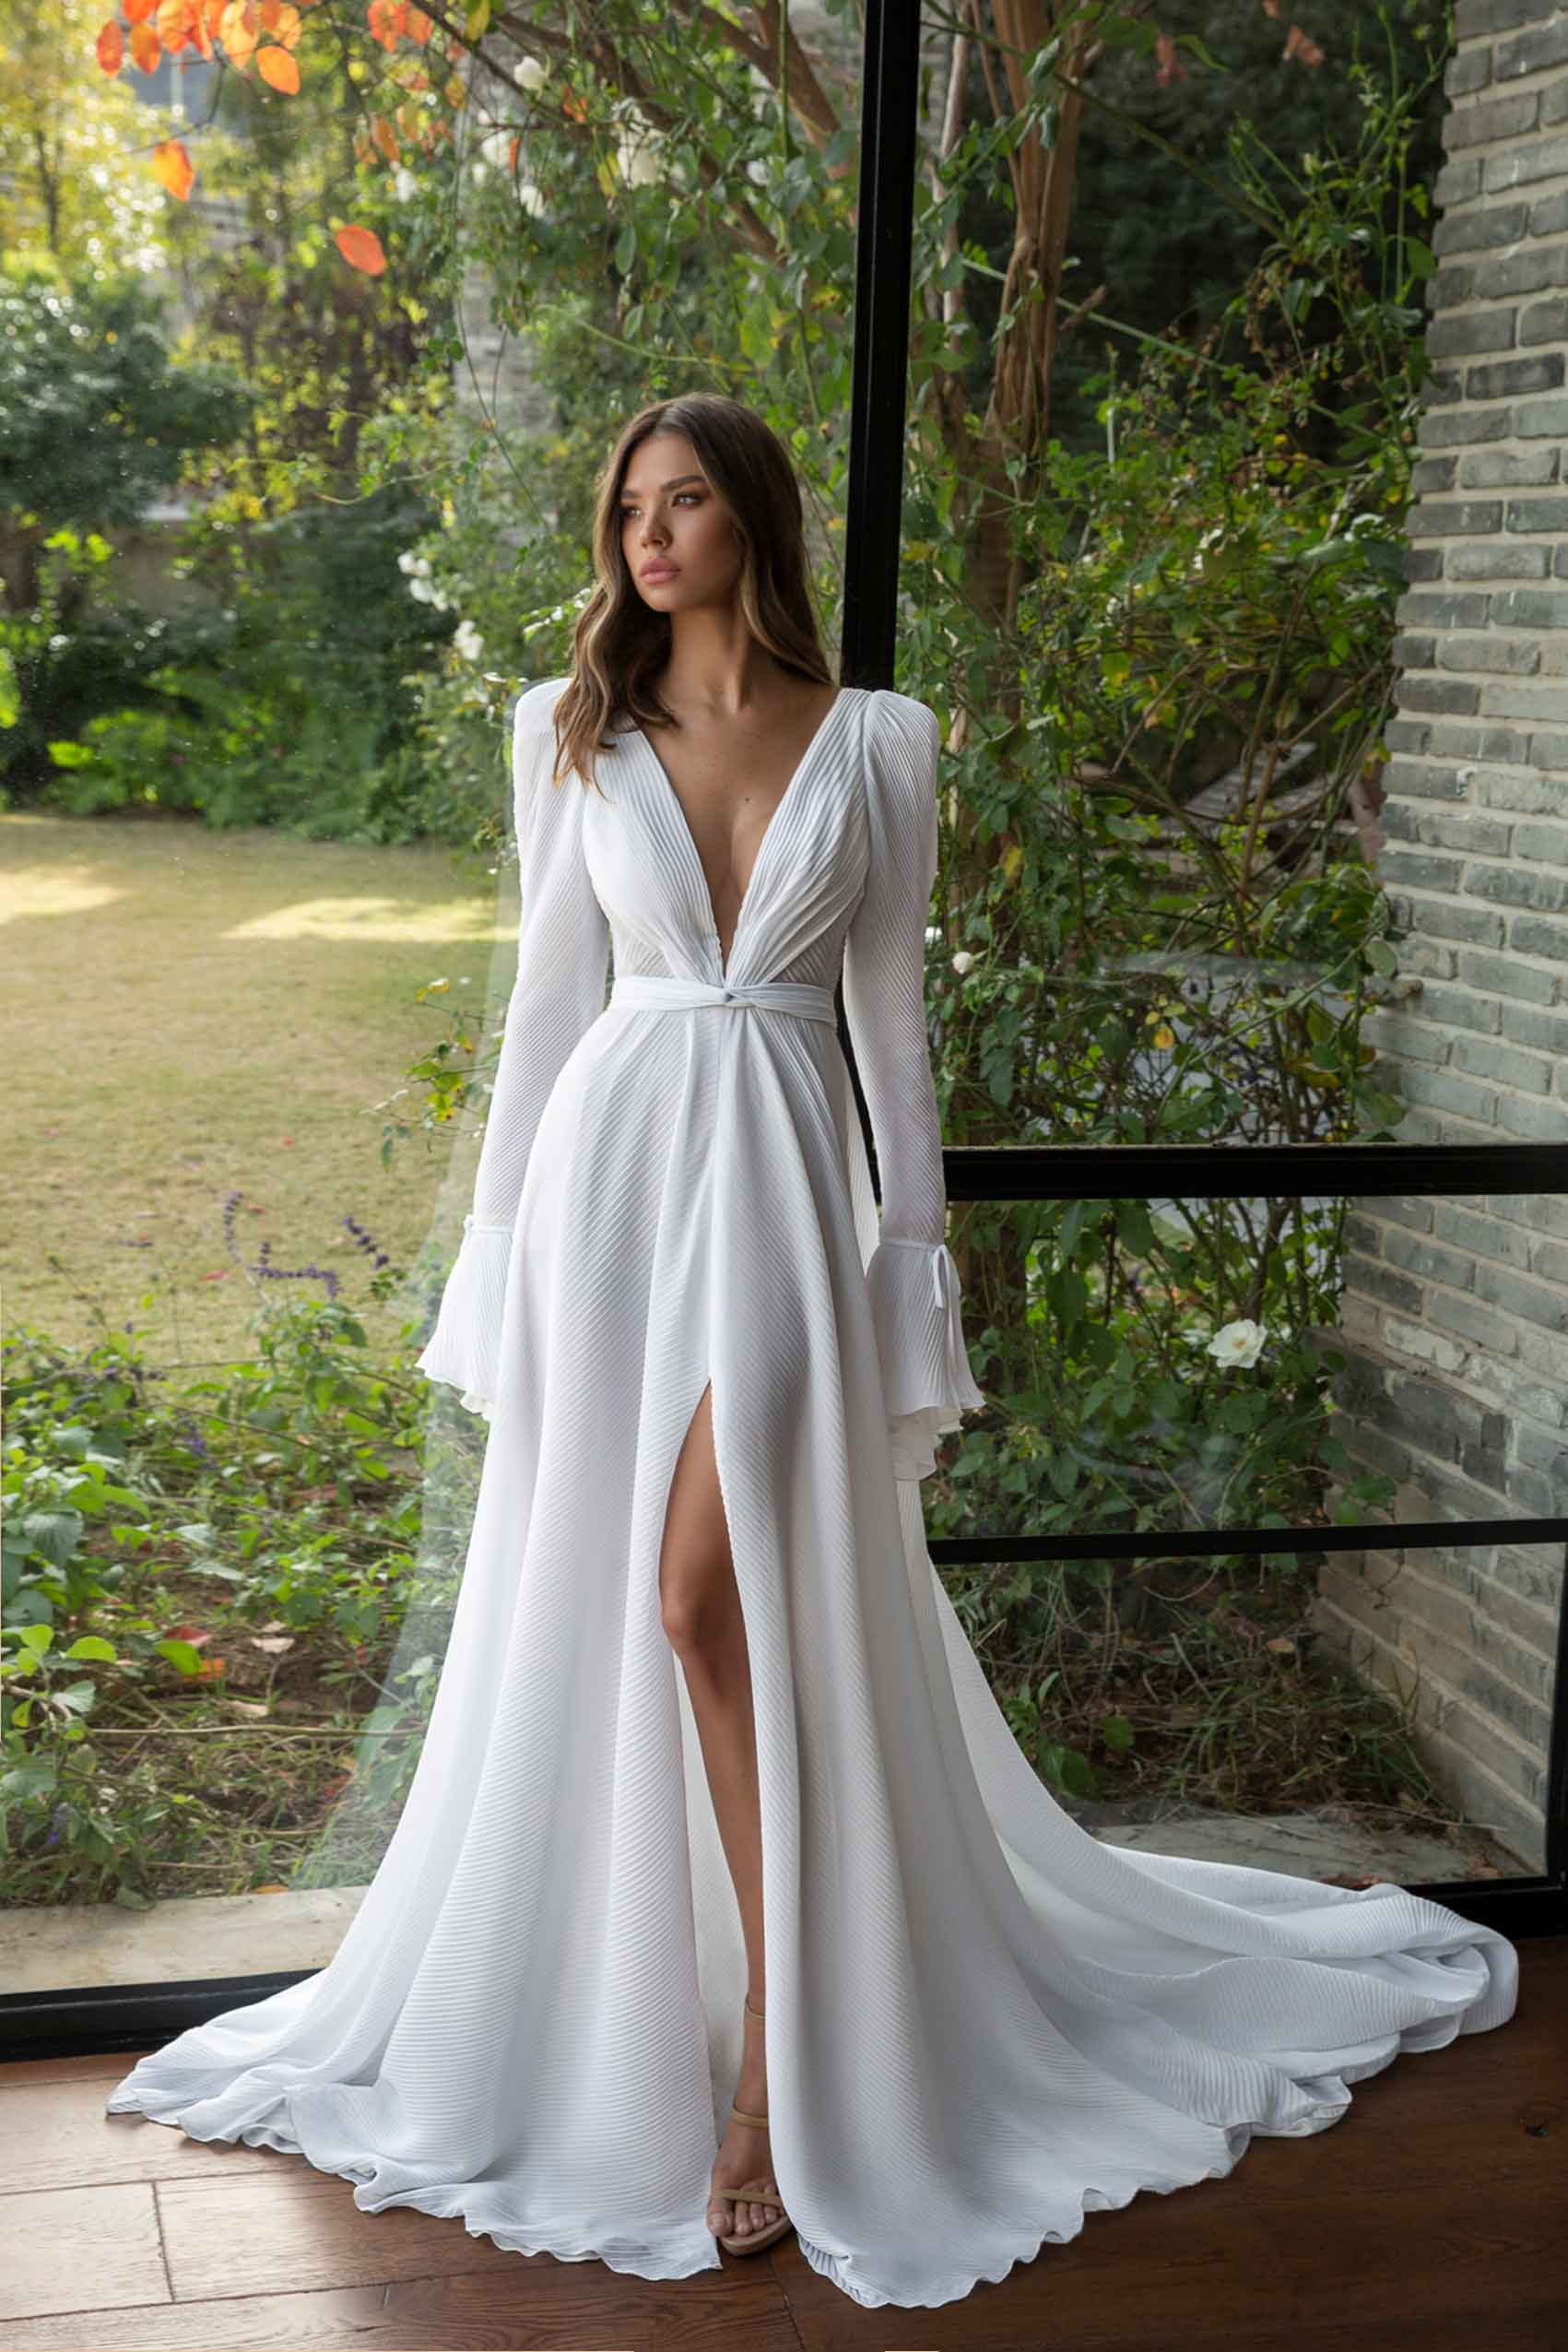 שמלות-כלה-אופנה-רוסלנה-רודינה-שלומית אזרד-אופנה